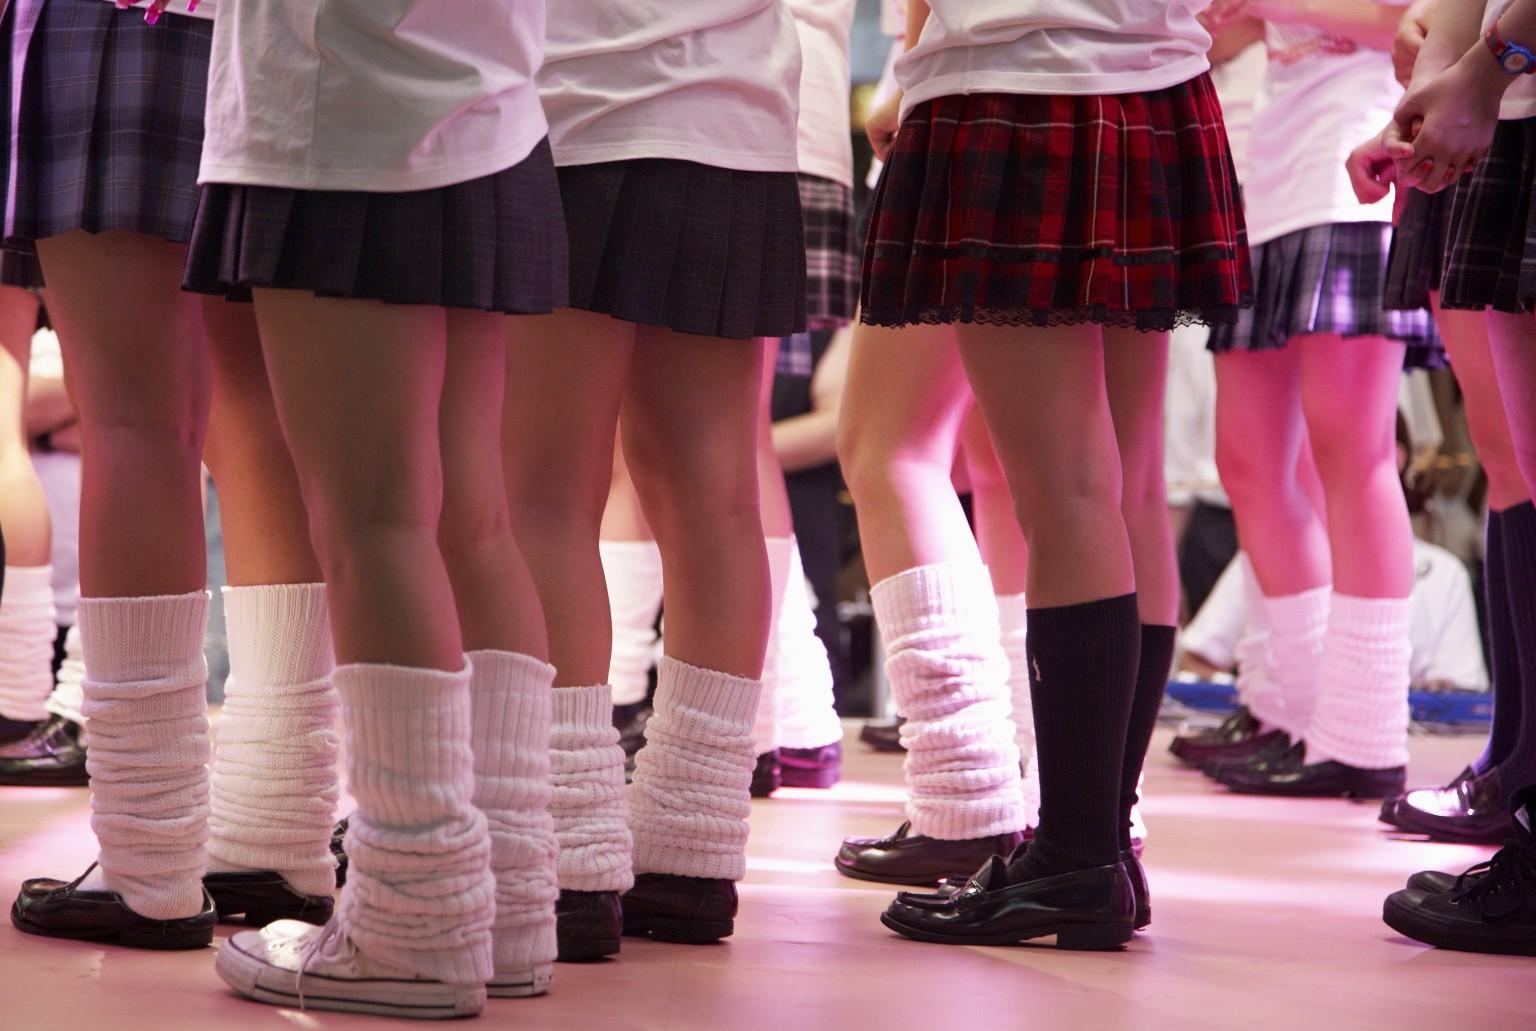 Schoolgirl fuck photo world pics xxx images